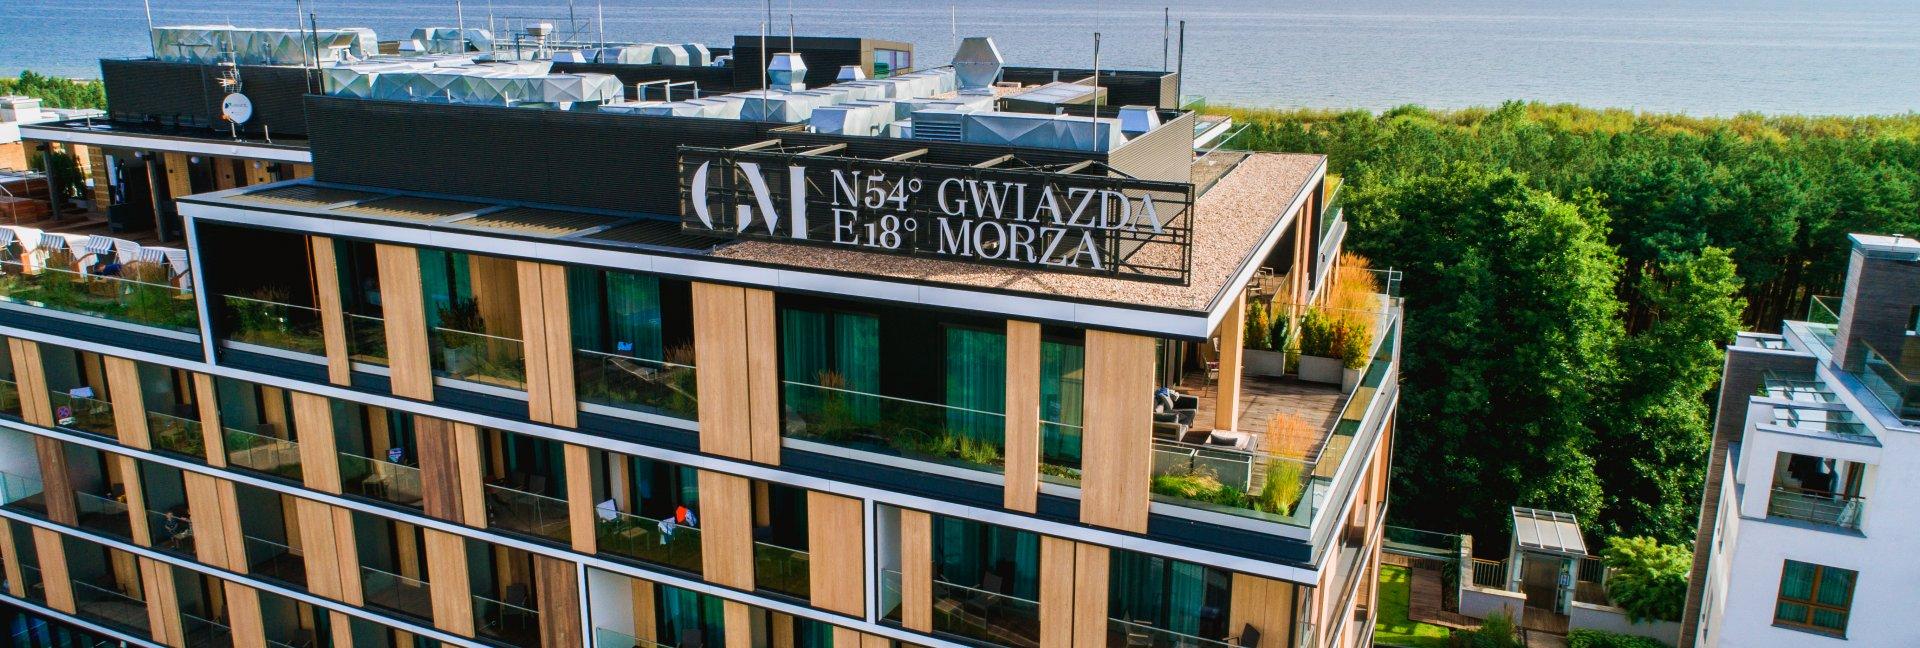 Bezpieczna inwestycja - condohotel Gwiazda Morza